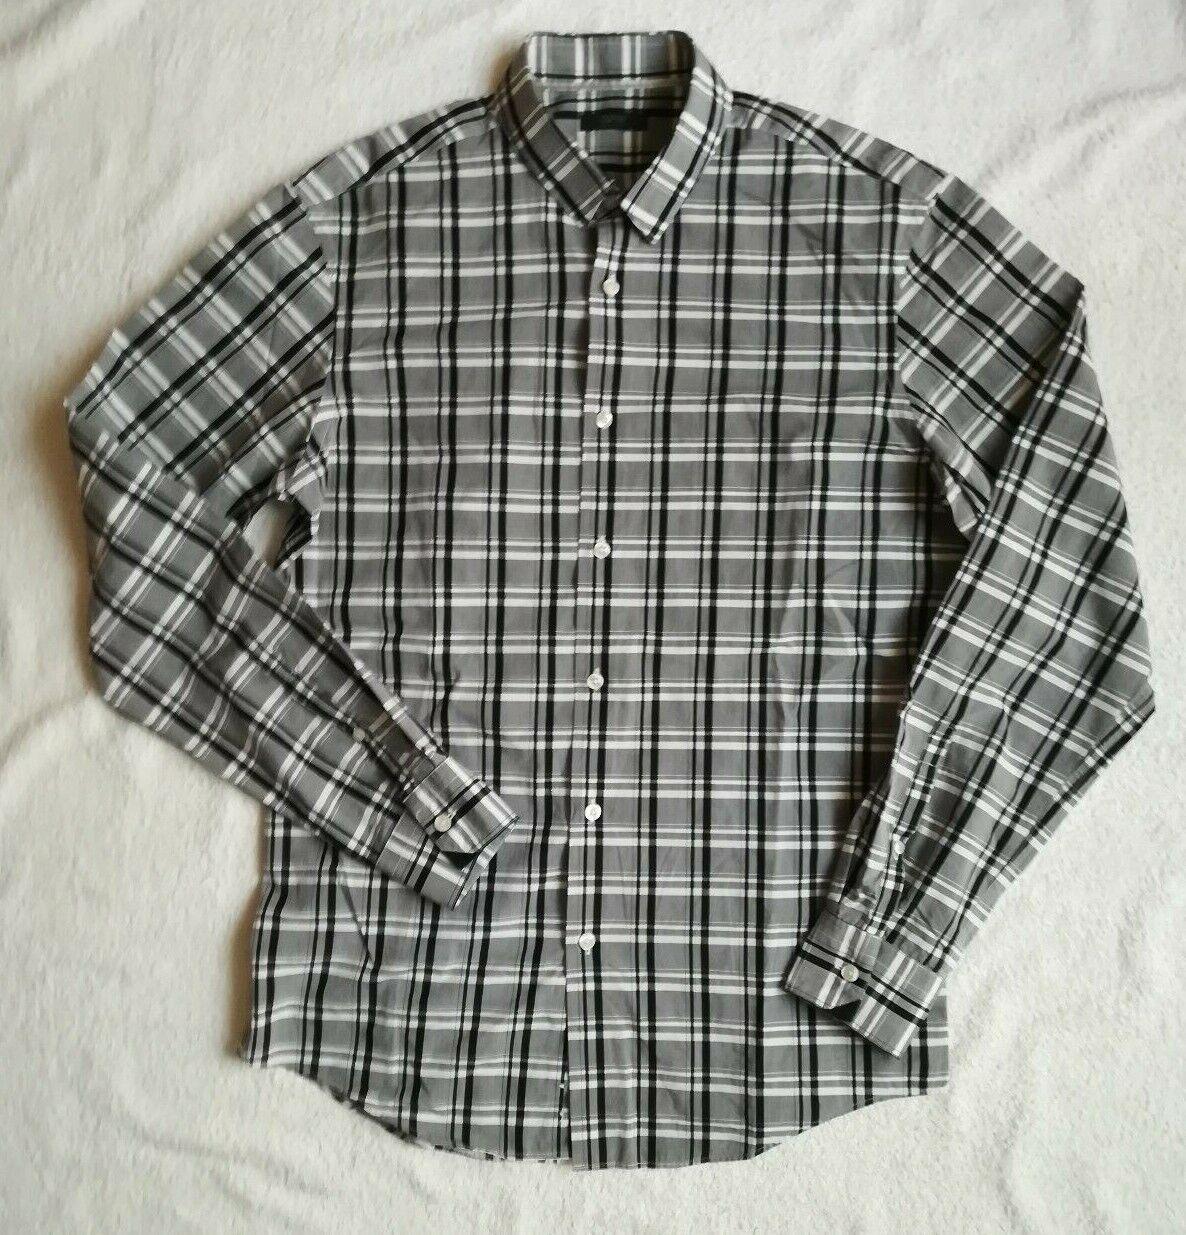 ESPRIT Herrenhemd leicht tailliert langarm Gr.M=50 Kragen 39/40 NEUWERTIG!